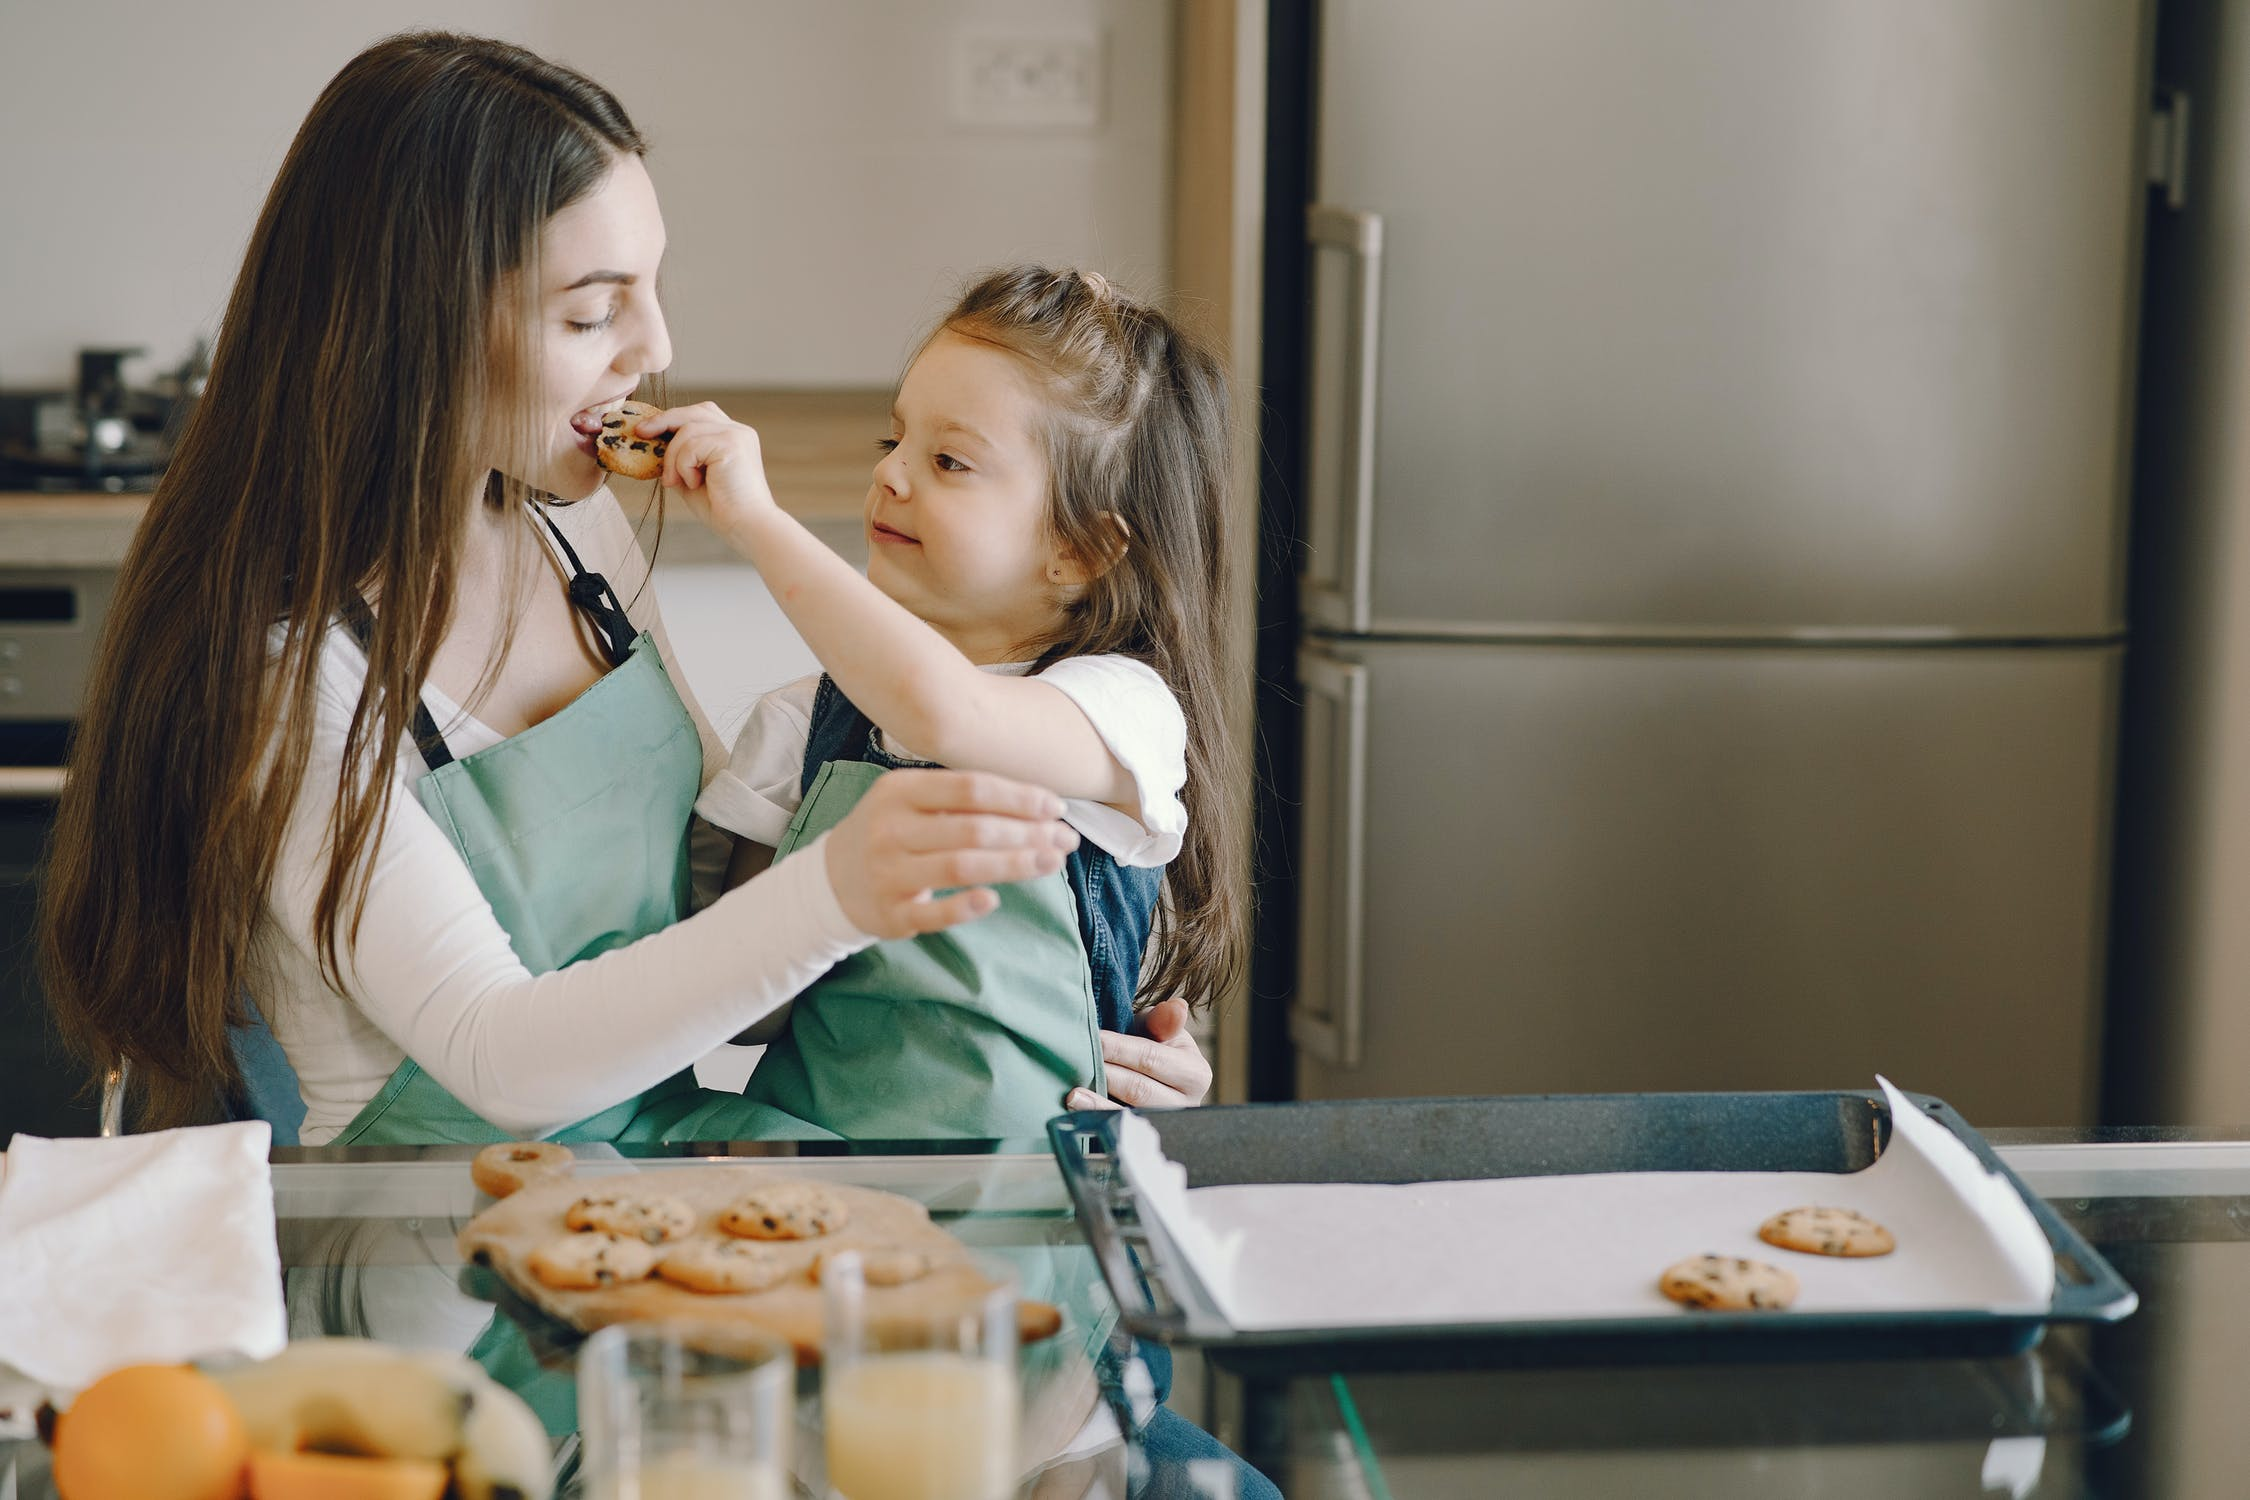 duurzaam eten met kids